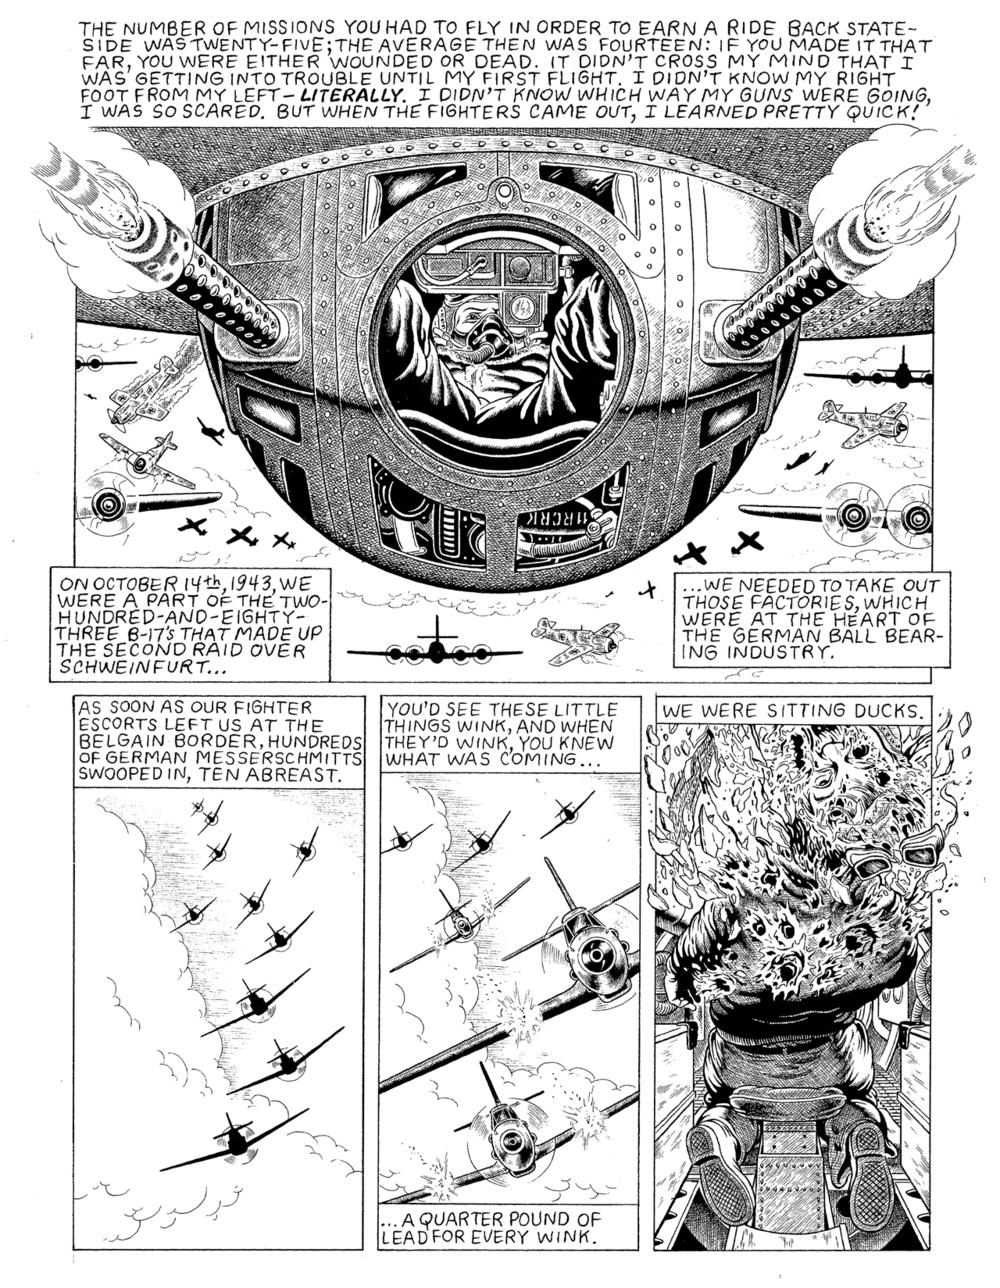 12 belly-gunner-2-150.jpg